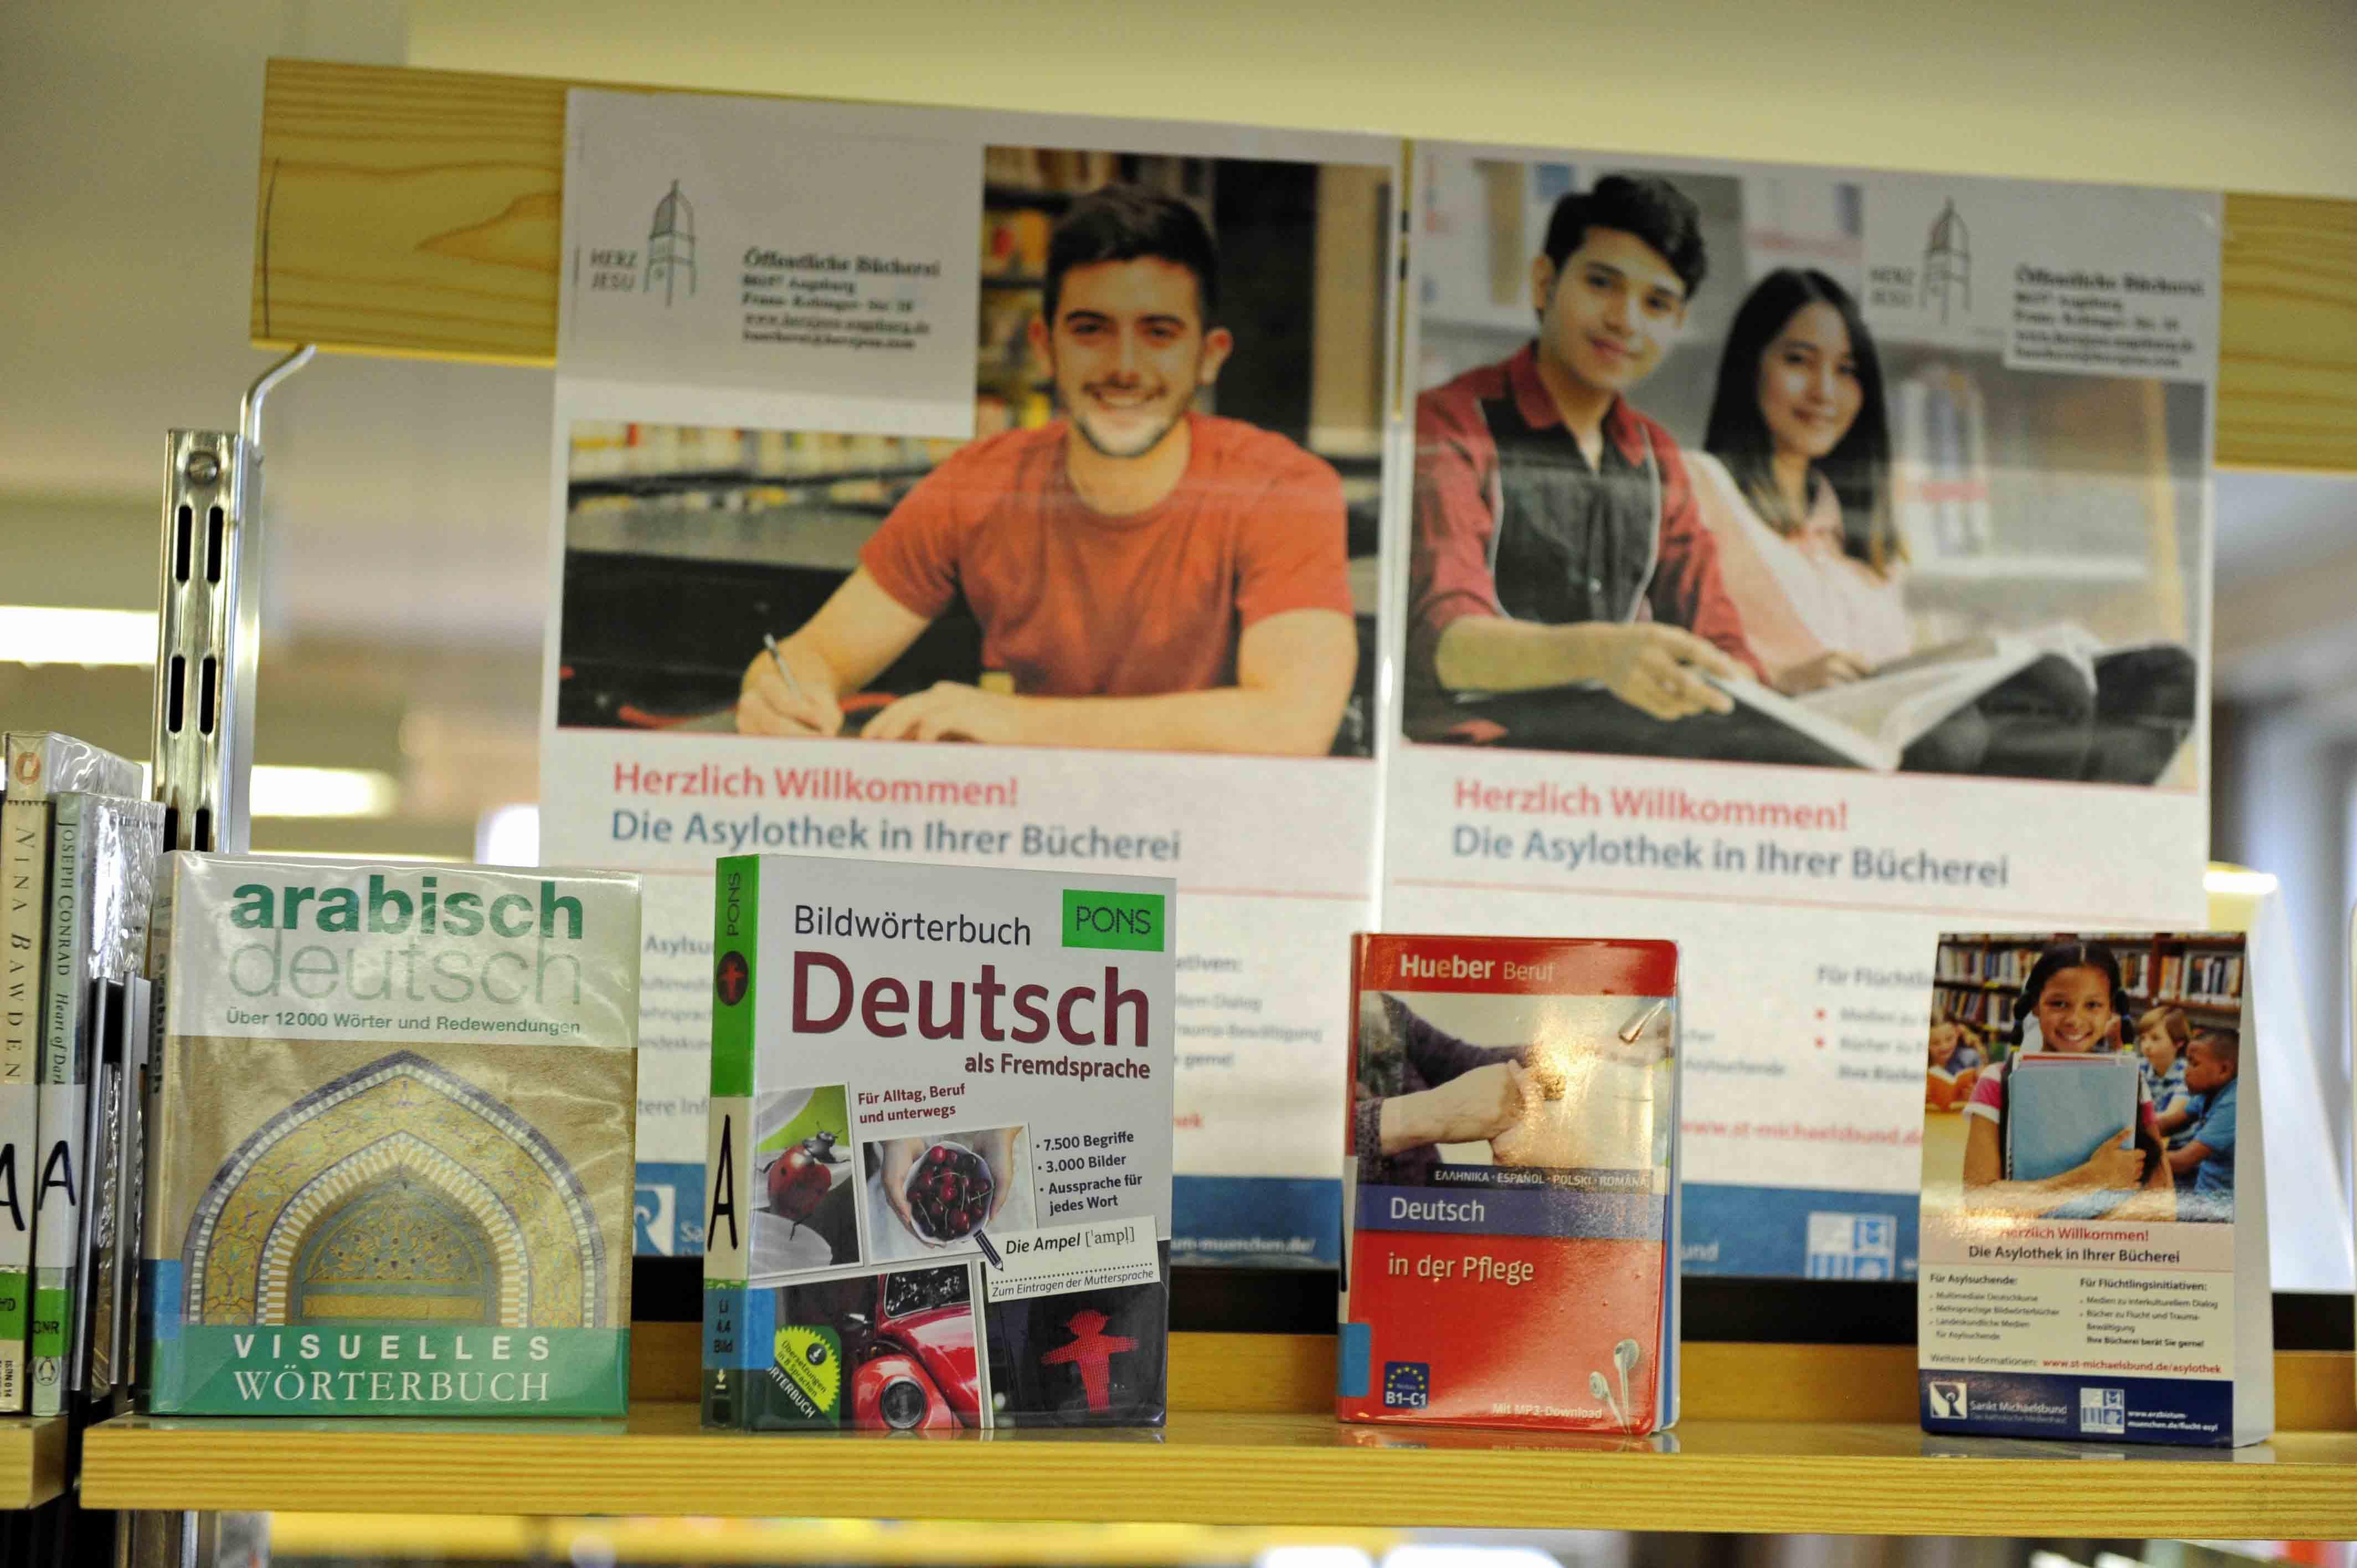 Multimediale Deutschkurse, mehrsprachige Bildwörterbücher, Literatur in der Muttersprache, Lexika und Spiele sowie CDs mit landeskundlichen Informationen über Deutschland sollen Asylsuchenden jeden Alters die Integration erleichtern.